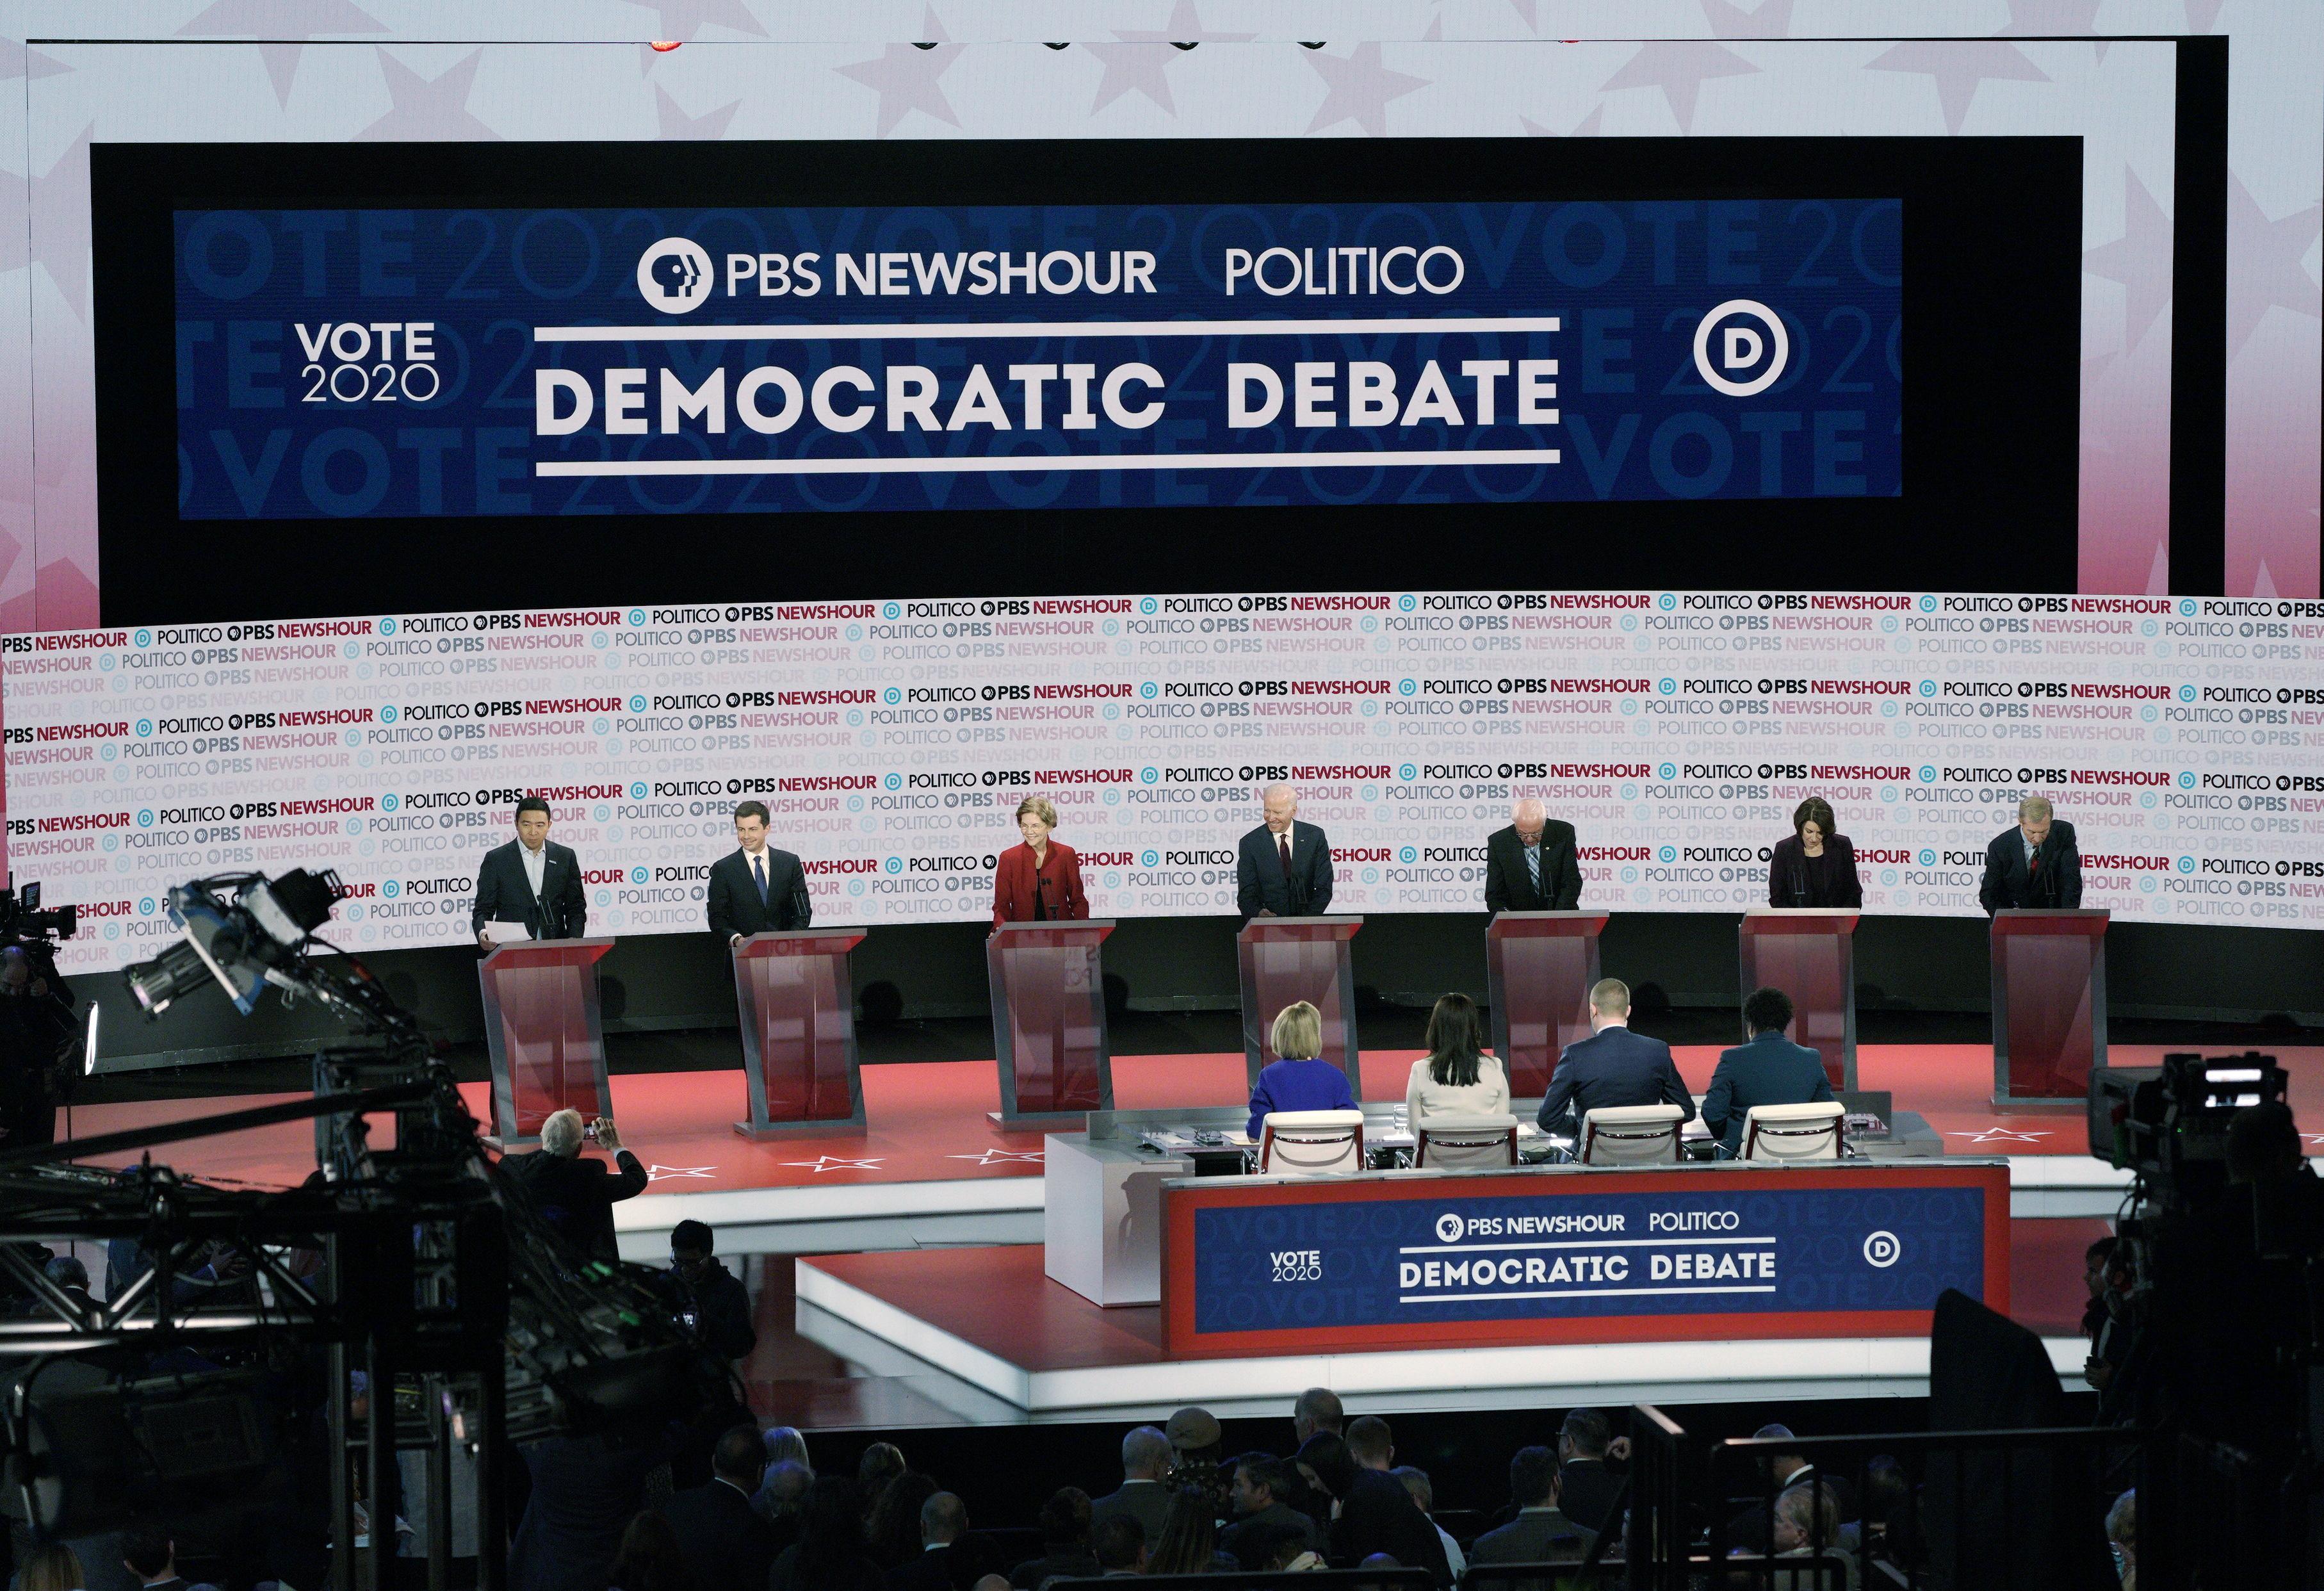 Buttigieg et Warren s'affrontent sur la collecte de fonds dans le débat présidentiel démocrate